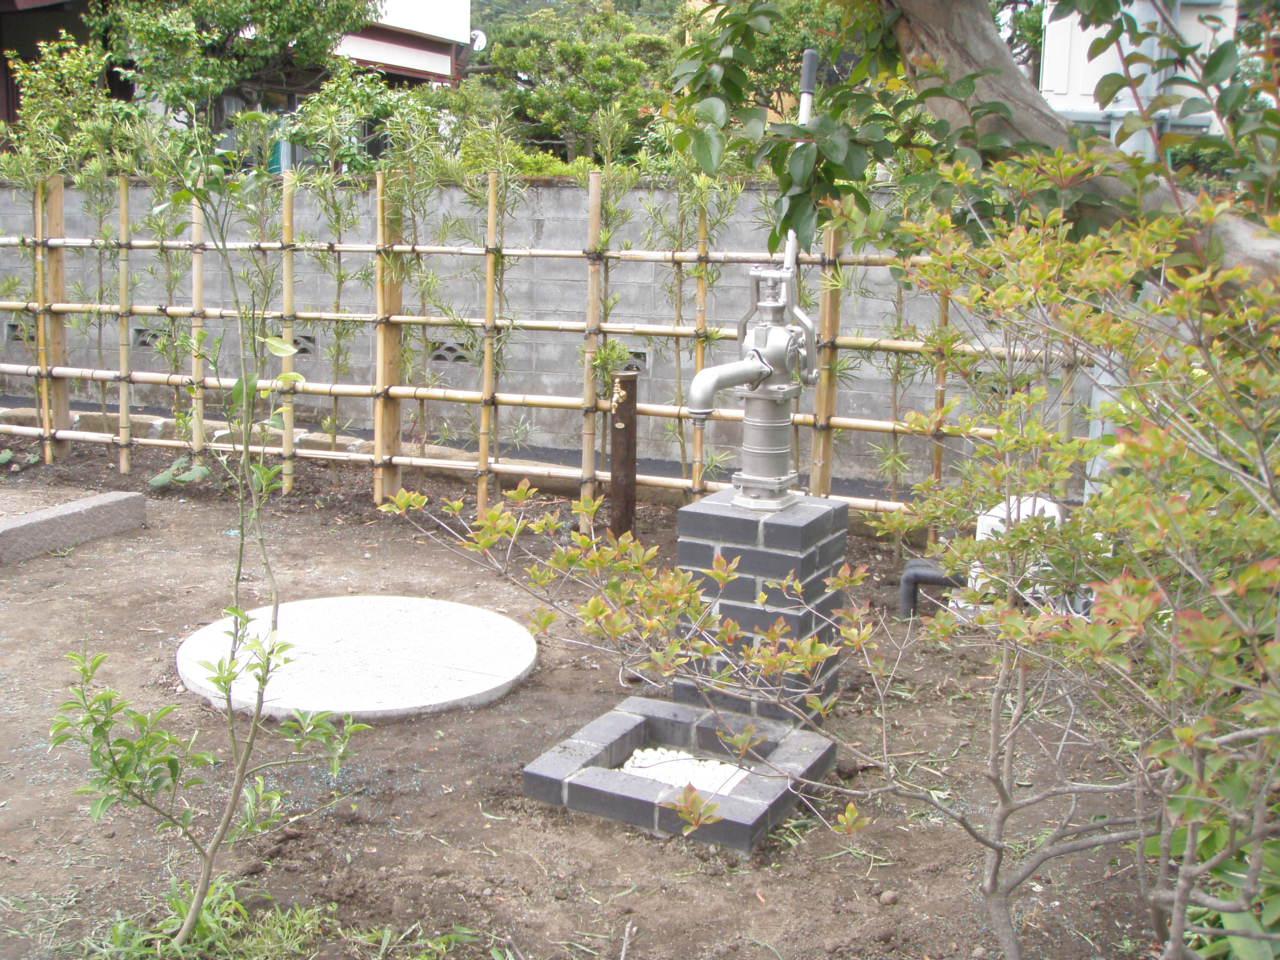 井戸を活かしたお庭づくり_b0170161_15233511.jpg